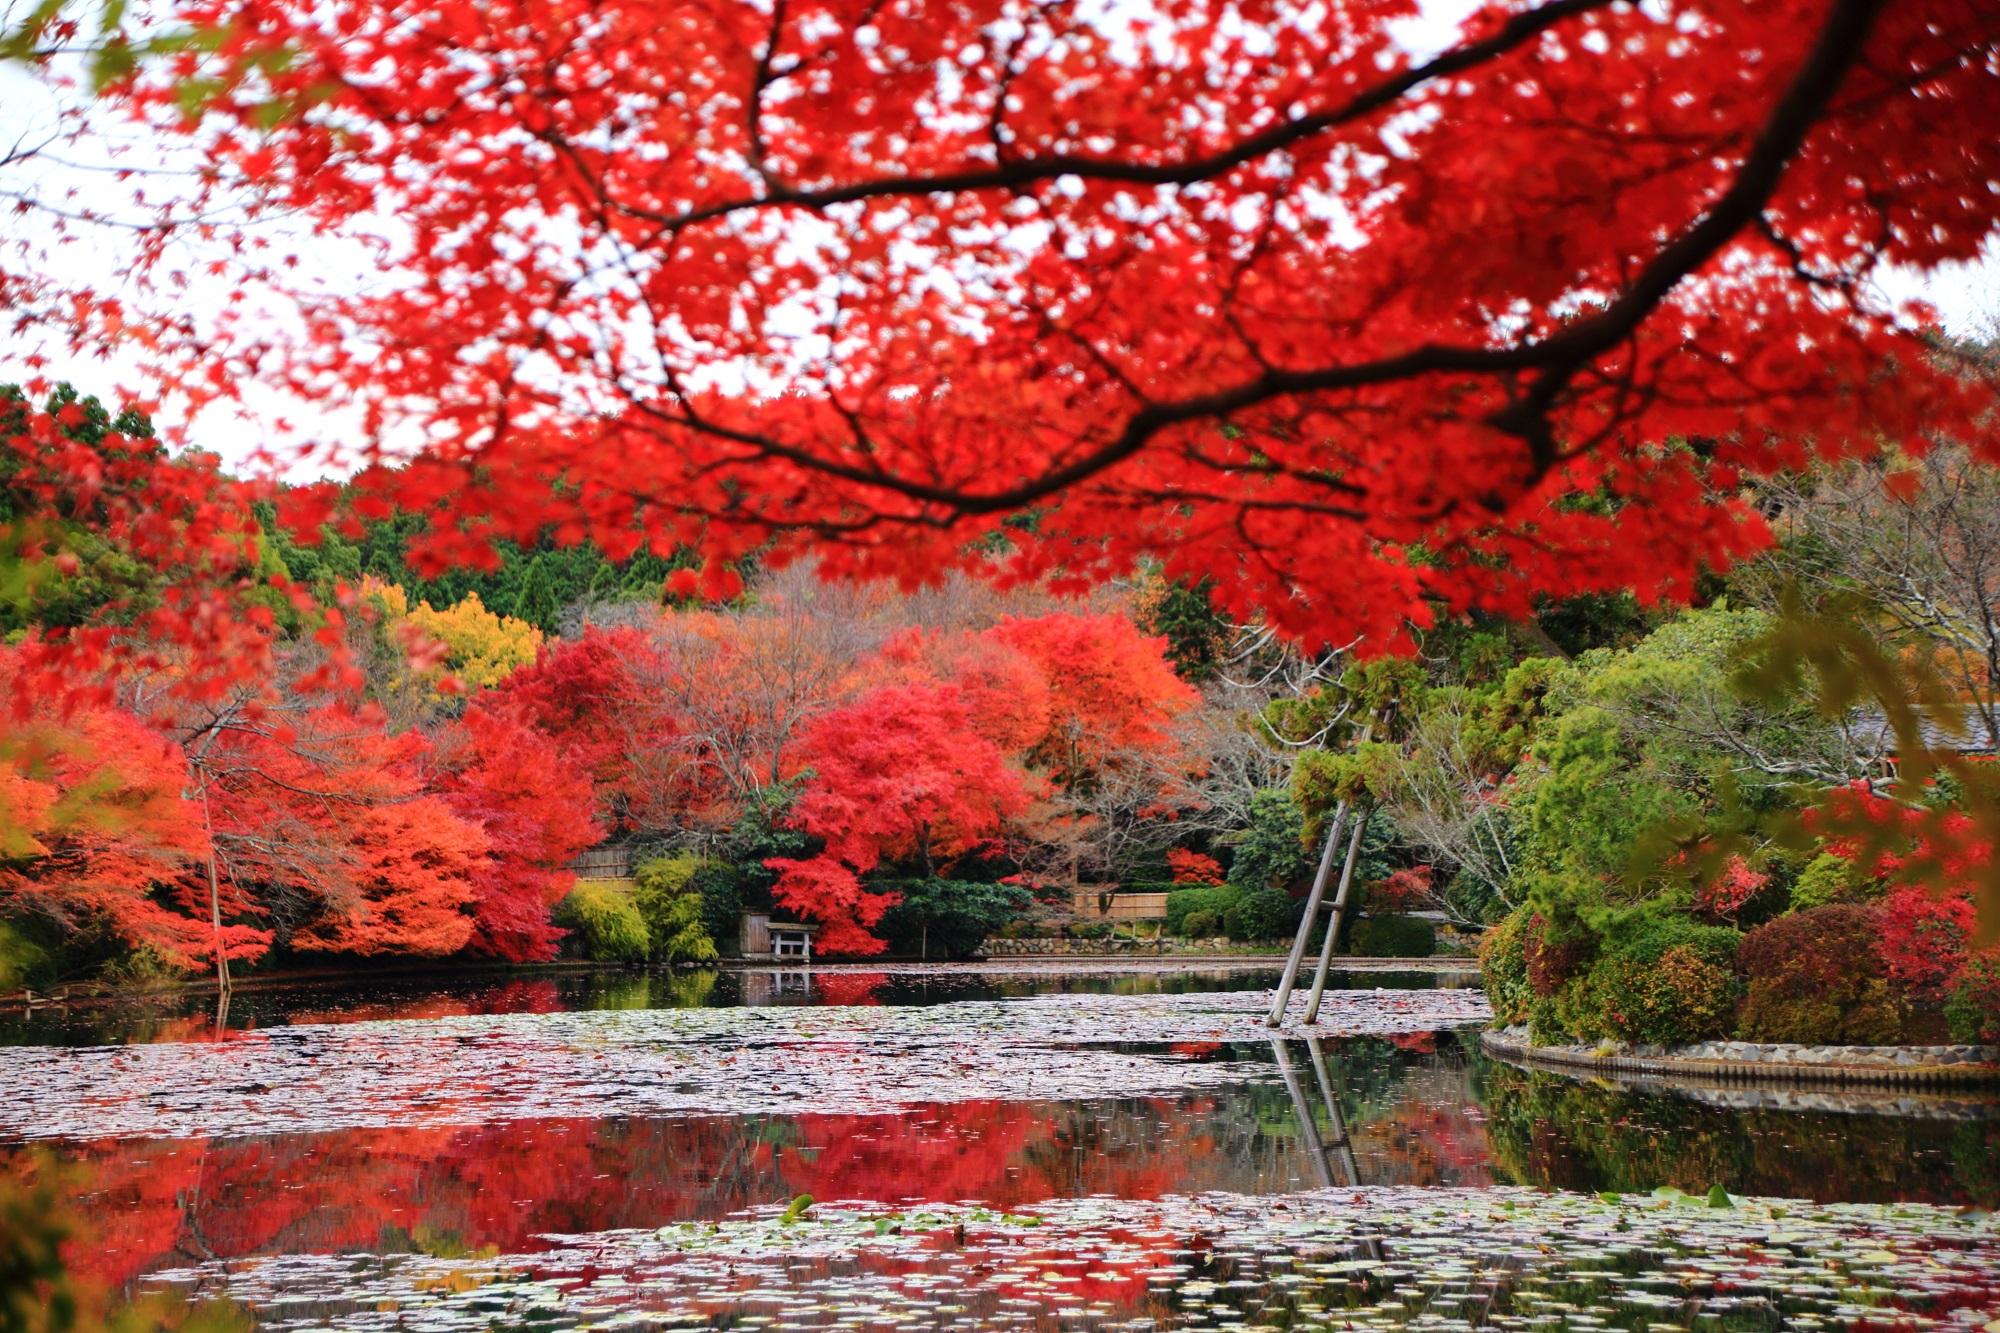 龍安寺の鏡容池の見ごろの紅葉